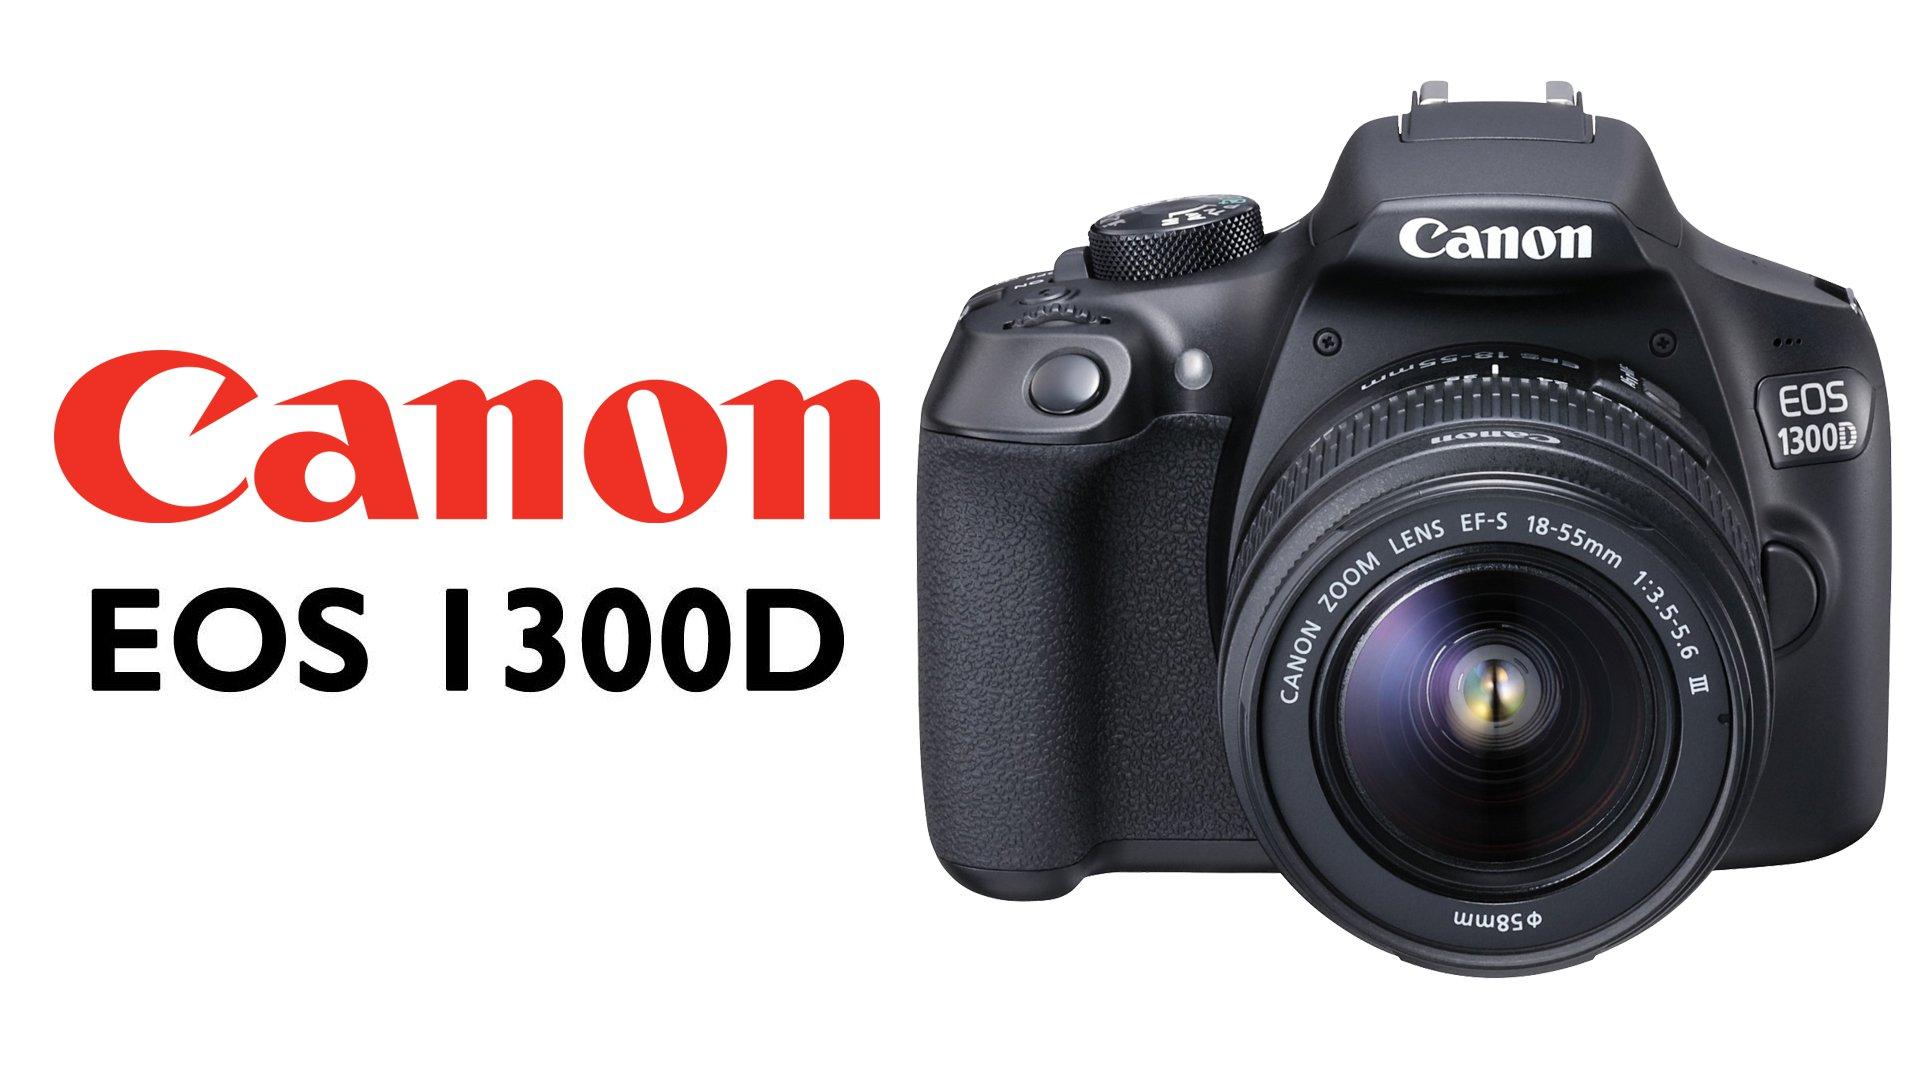 Harga dan Spesifikasi Canon EOS 1300D